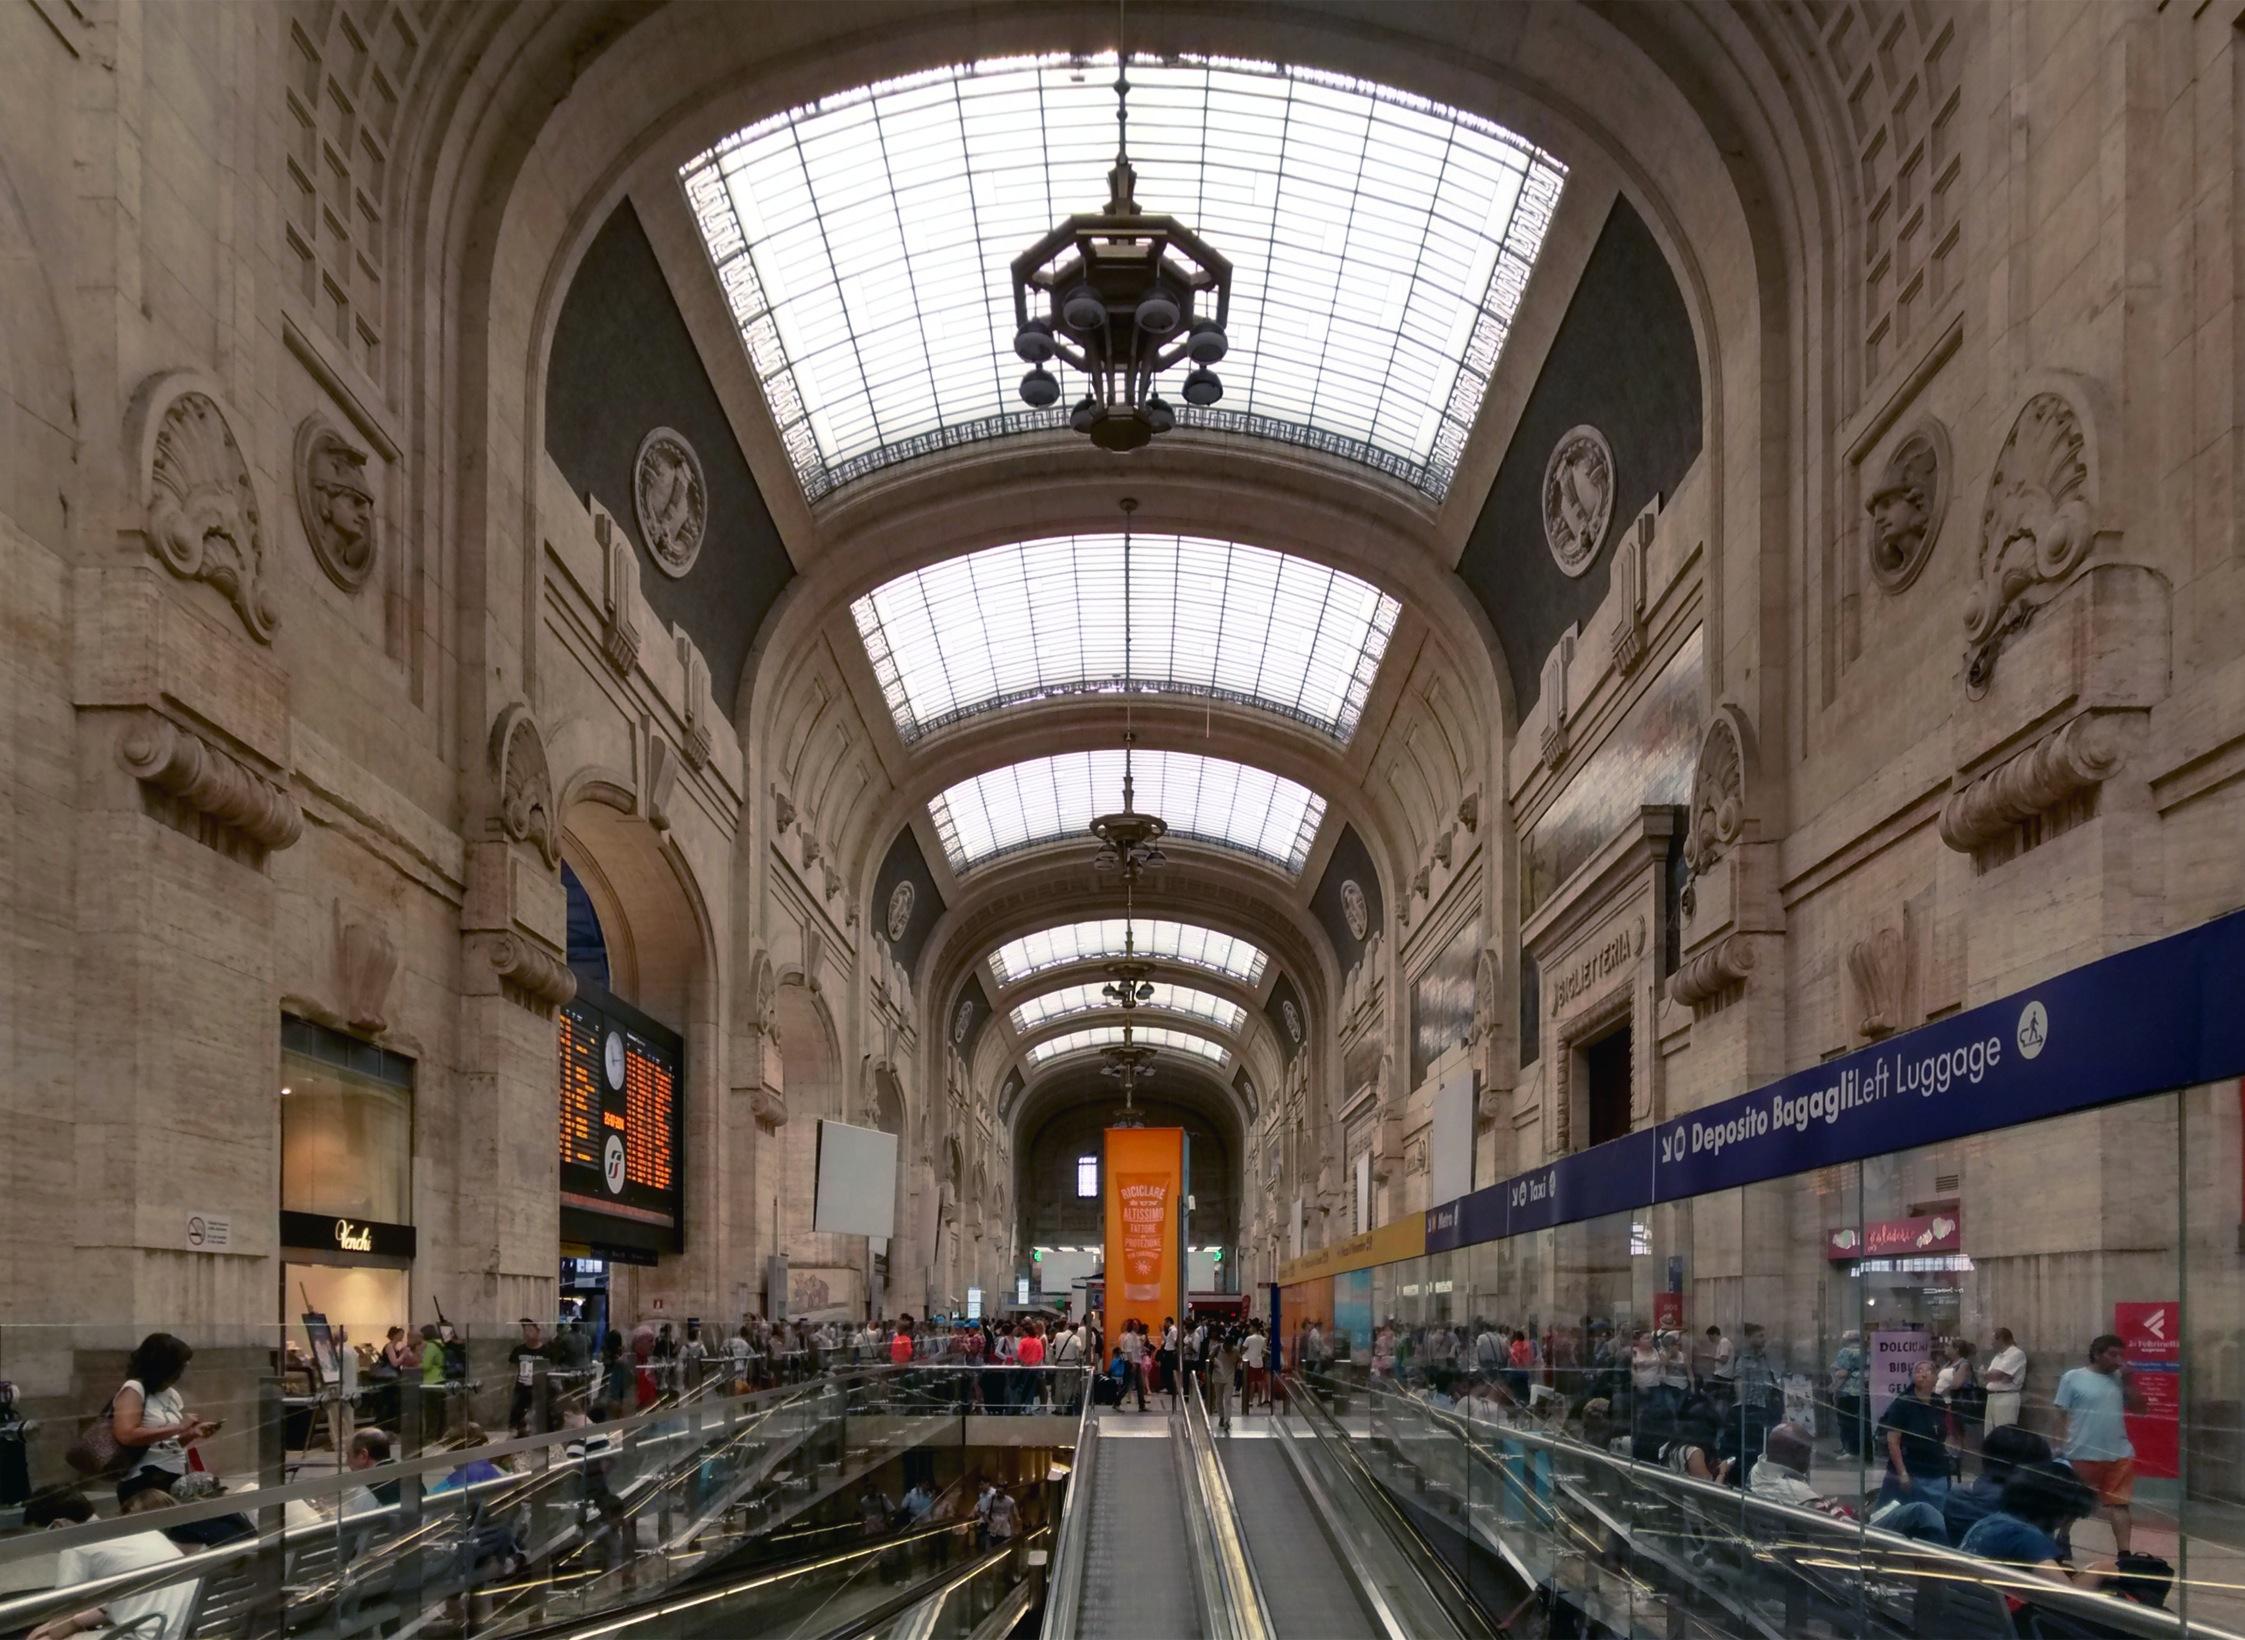 Uomo armato punta la pistola contro un migrante nella stazione di Milano: ecco cosa accade quando ci sono armi in giro